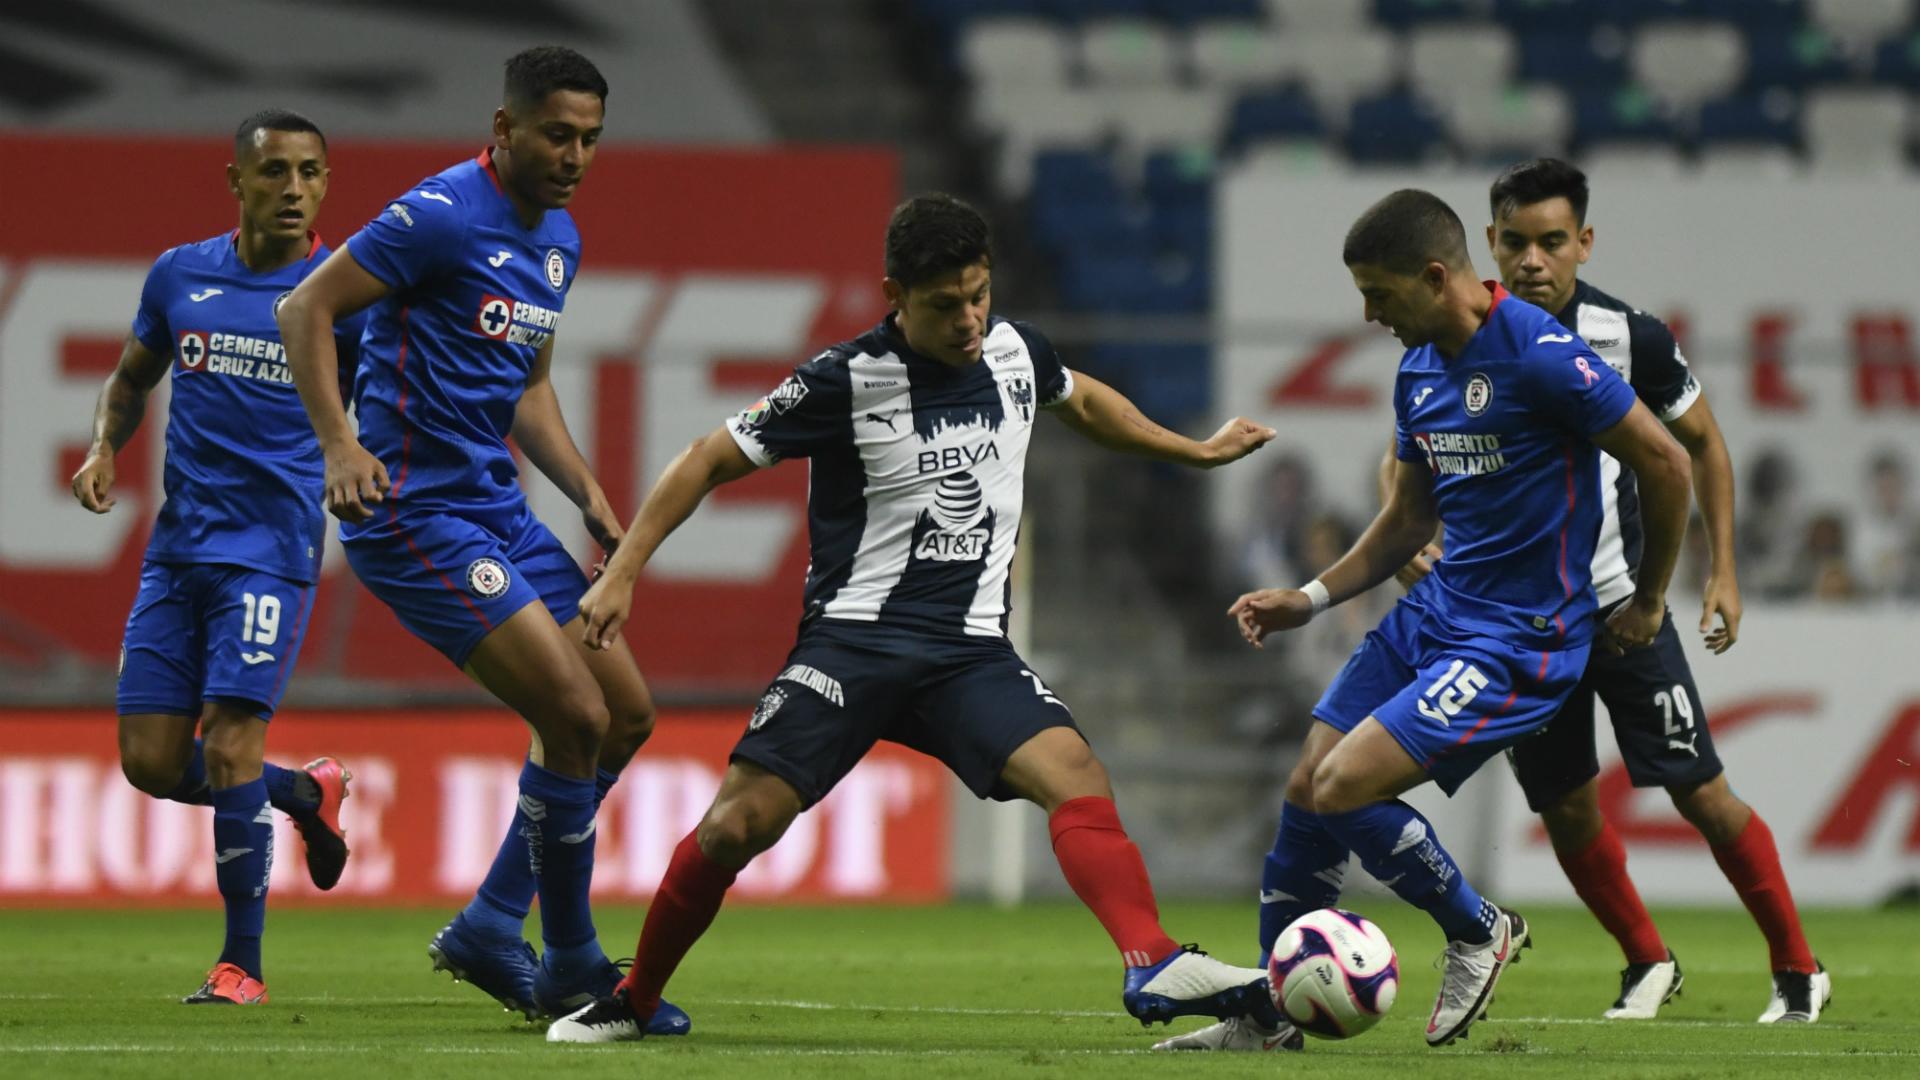 Monterrey 1-0 Cruz Azul en vivo por el Guardianes 2020: partido,  alineaciones y suplentes | Goal.com